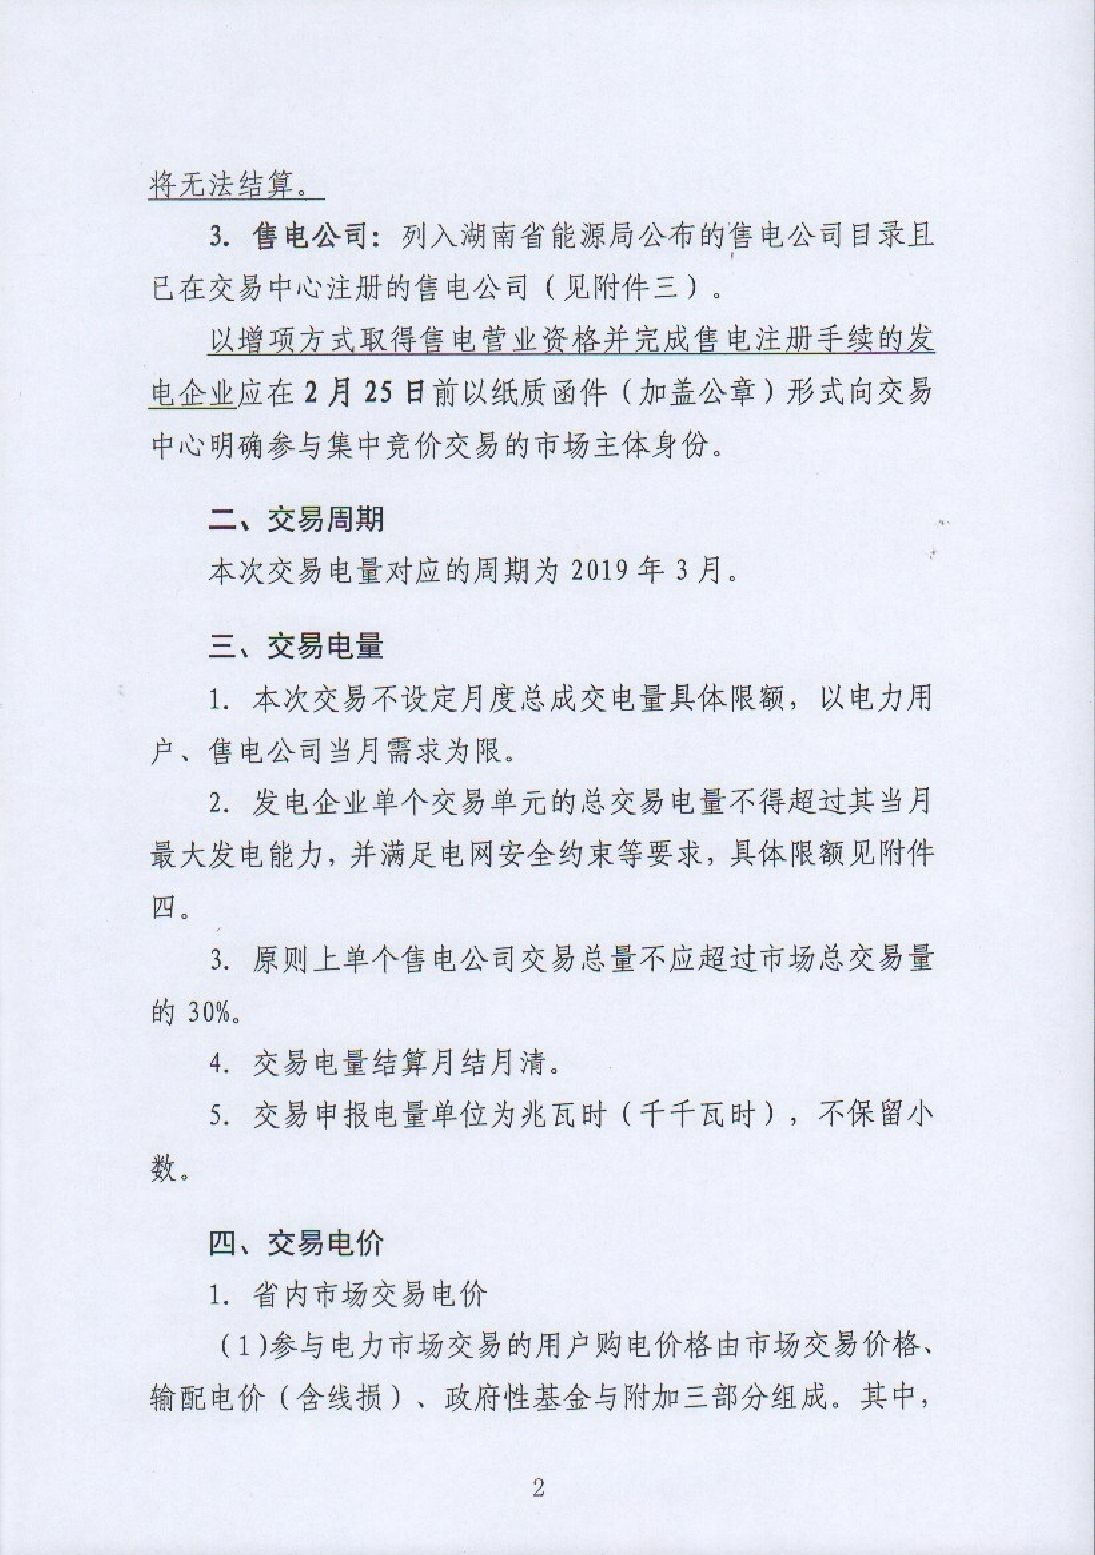 湖南電力交易中心有限公司關于2019年3月電力市場交易的公告.pdf_page_2_compressed.jpg